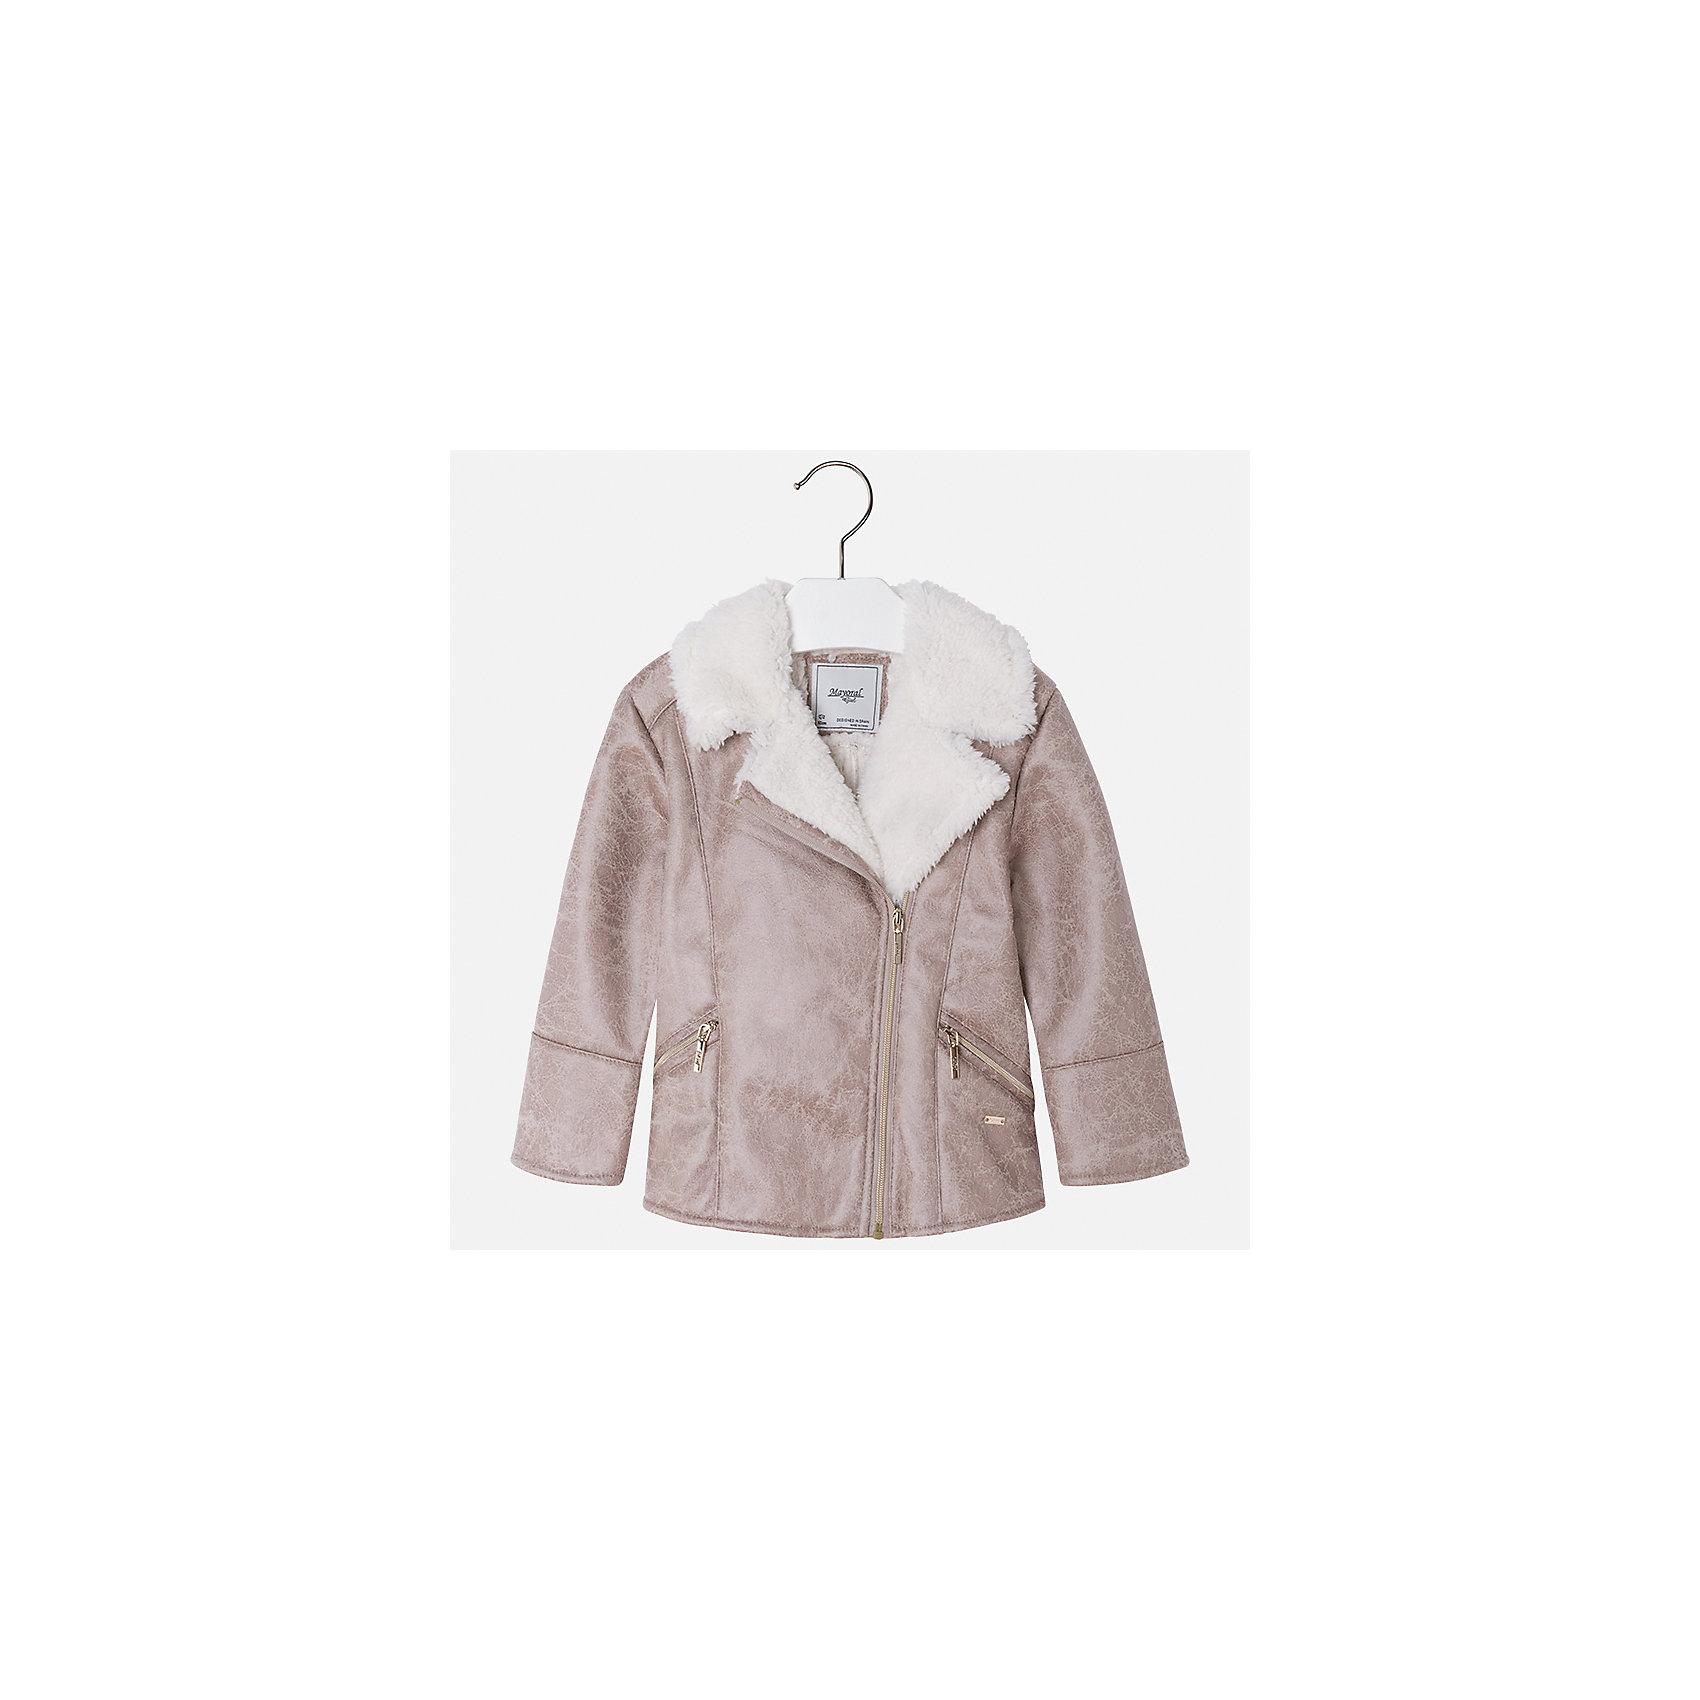 Куртка Mayoral для девочкиДемисезонные куртки<br>Характеристики товара:<br><br>• цвет: бежевый<br>• состав ткани: 100% полиуретан, подклад - 100% полиэстер<br>• застежка: молния<br>• длинные рукава<br>• сезон: демисезон<br>• температурный режим: от -5 до +5<br>• страна бренда: Испания<br>• страна изготовитель: Индия<br><br>Стильная куртка с оригинальным декором для девочки от Майорал поможет обеспечить тепло и комфорт. Эффектная детская куртка отличается модным укороченным силуэтом. <br><br>Детская одежда от испанской компании Mayoral отличаются оригинальным и всегда стильным дизайном. Качество продукции неизменно очень высокое.<br><br>Куртку для девочки Mayoral (Майорал) можно купить в нашем интернет-магазине.<br><br>Ширина мм: 356<br>Глубина мм: 10<br>Высота мм: 245<br>Вес г: 519<br>Цвет: бежевый<br>Возраст от месяцев: 96<br>Возраст до месяцев: 108<br>Пол: Женский<br>Возраст: Детский<br>Размер: 134,104,110,116,122,128<br>SKU: 6924272